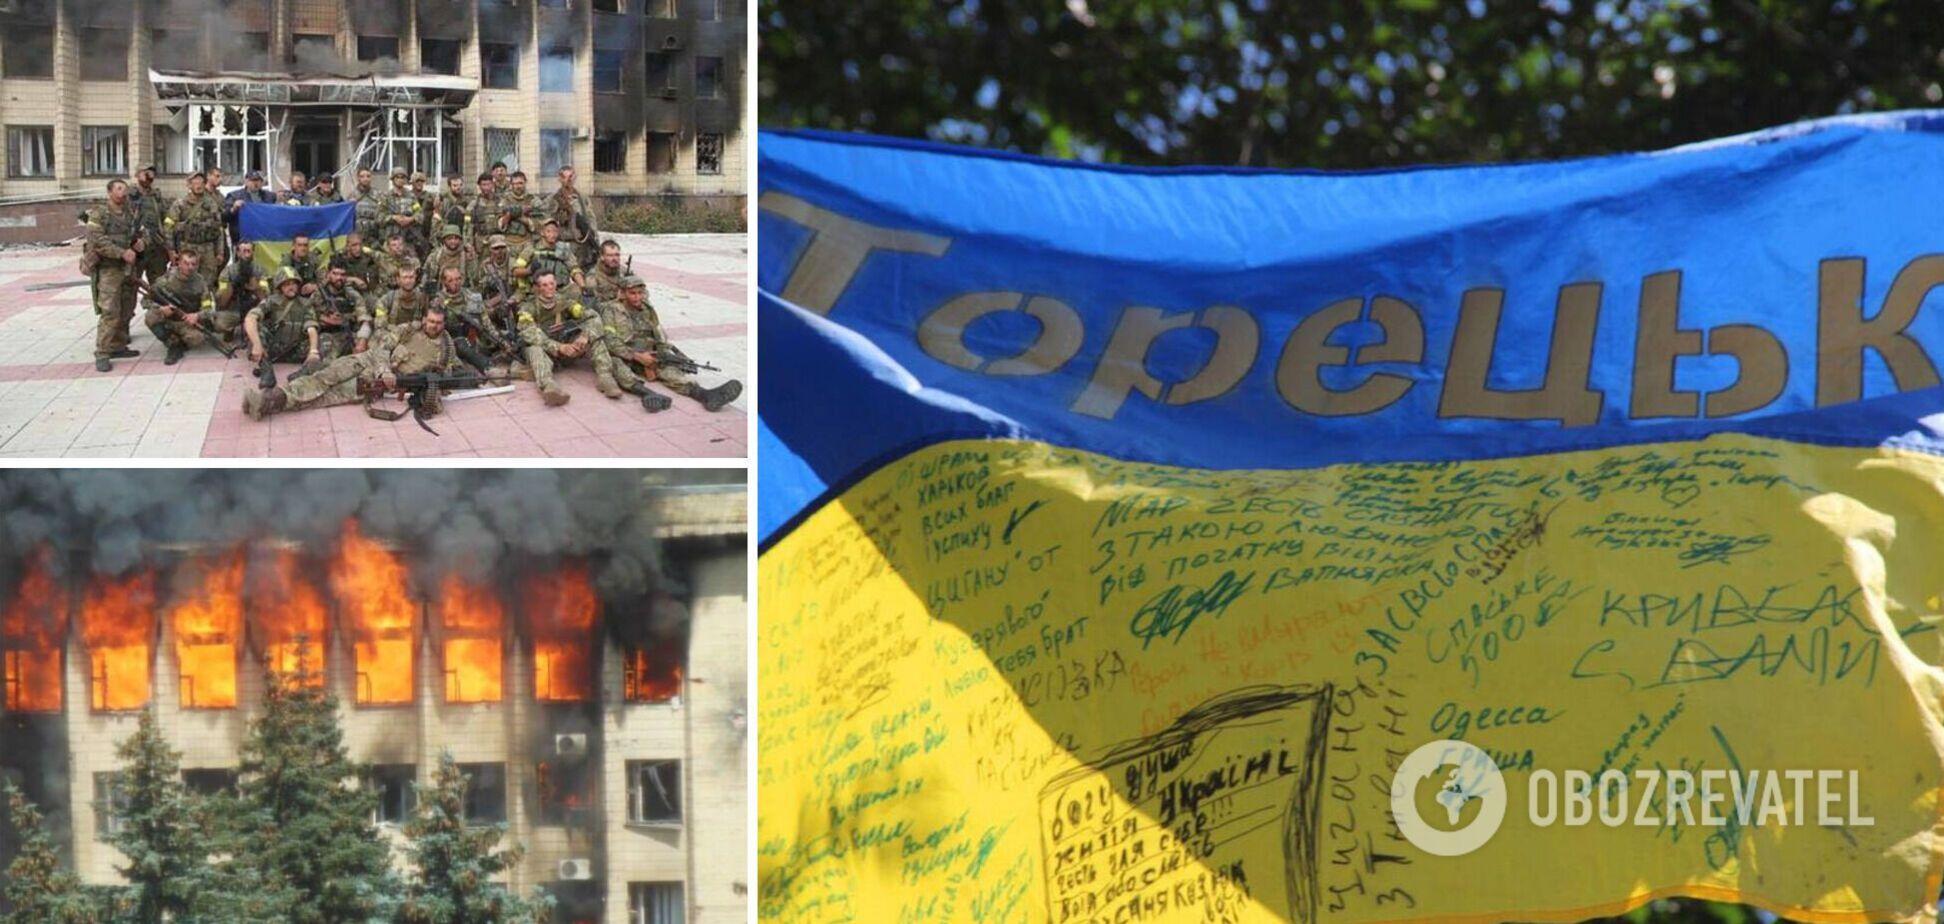 Звільнення Торецька: сім років тому ЗСУ провели блискавичну військову операцію на Донбасі. Фото